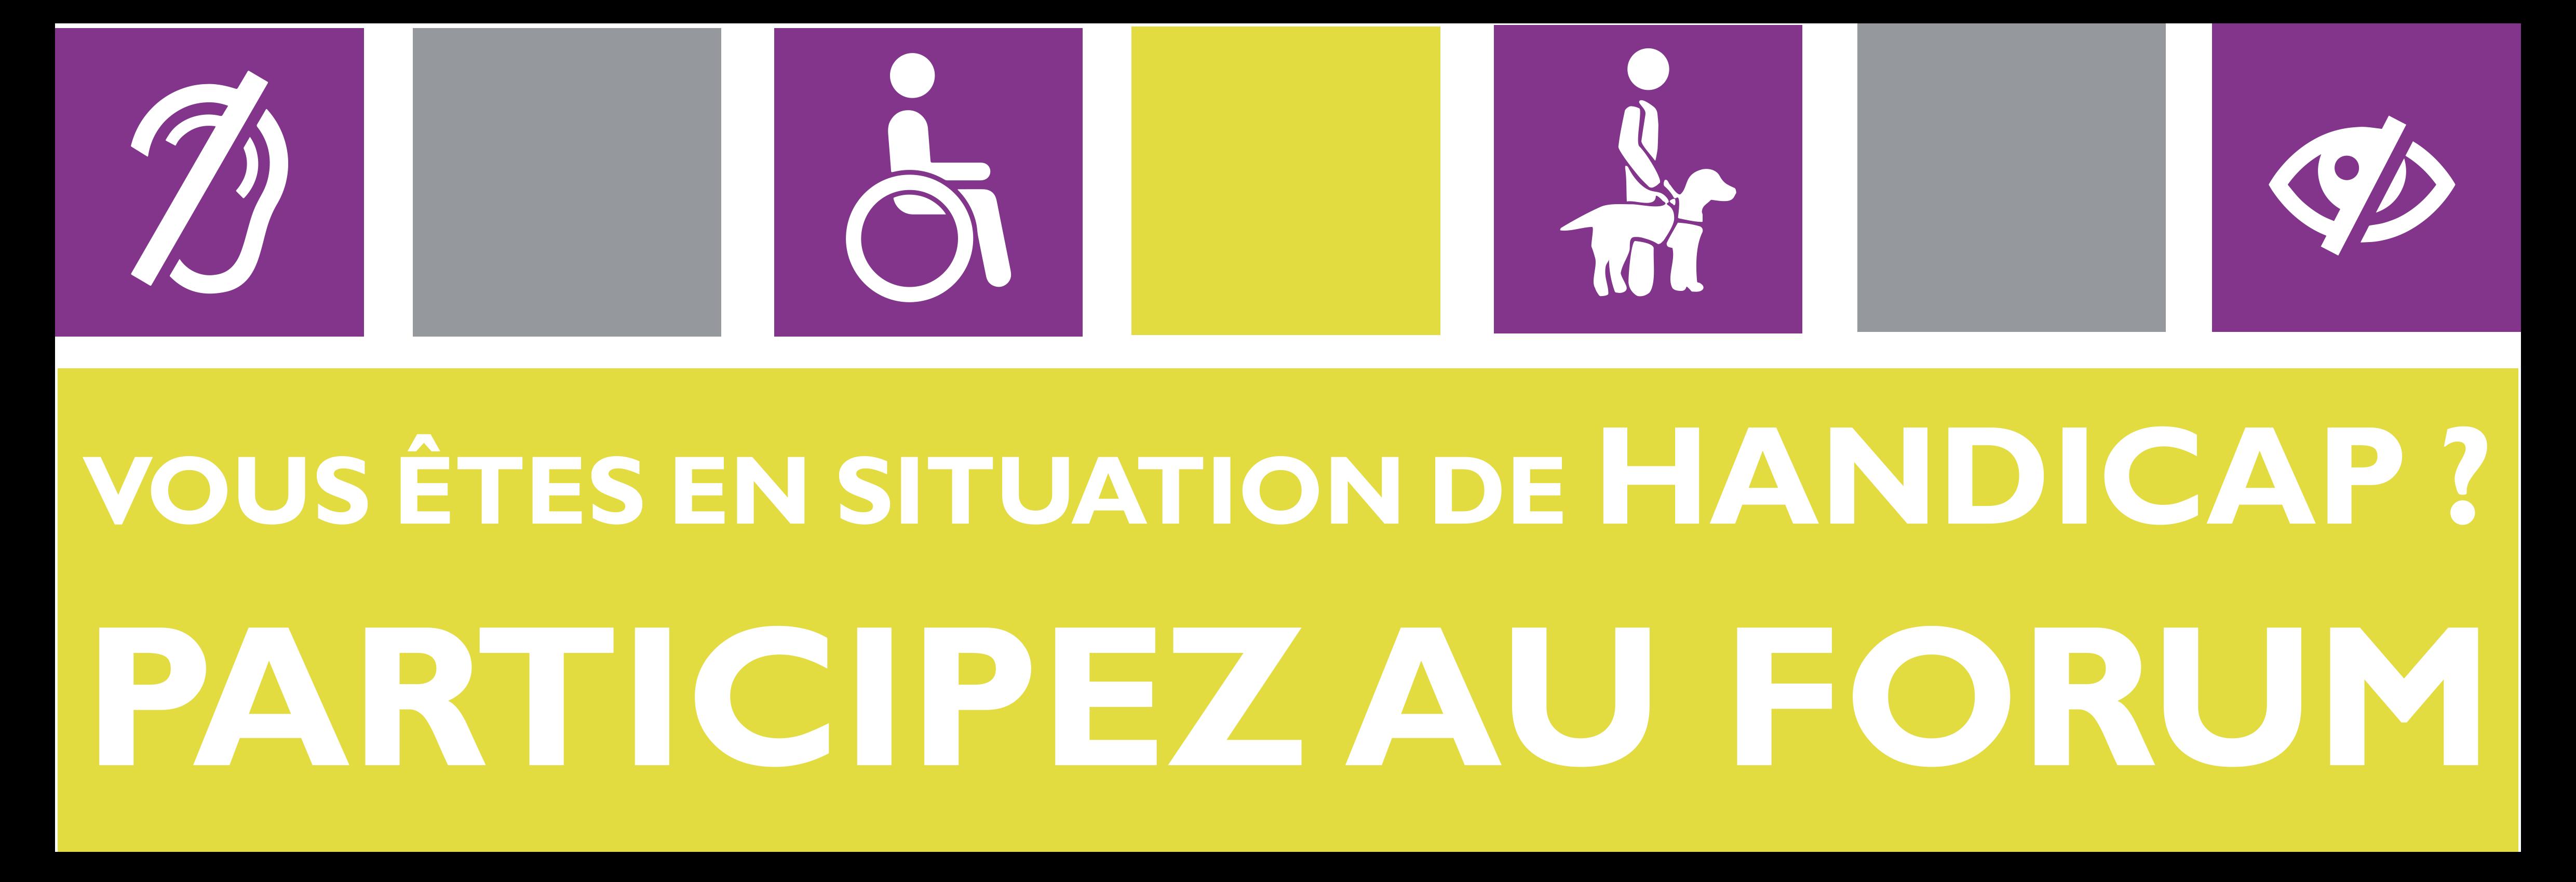 Rencontre emploi handicap bordeaux 2018